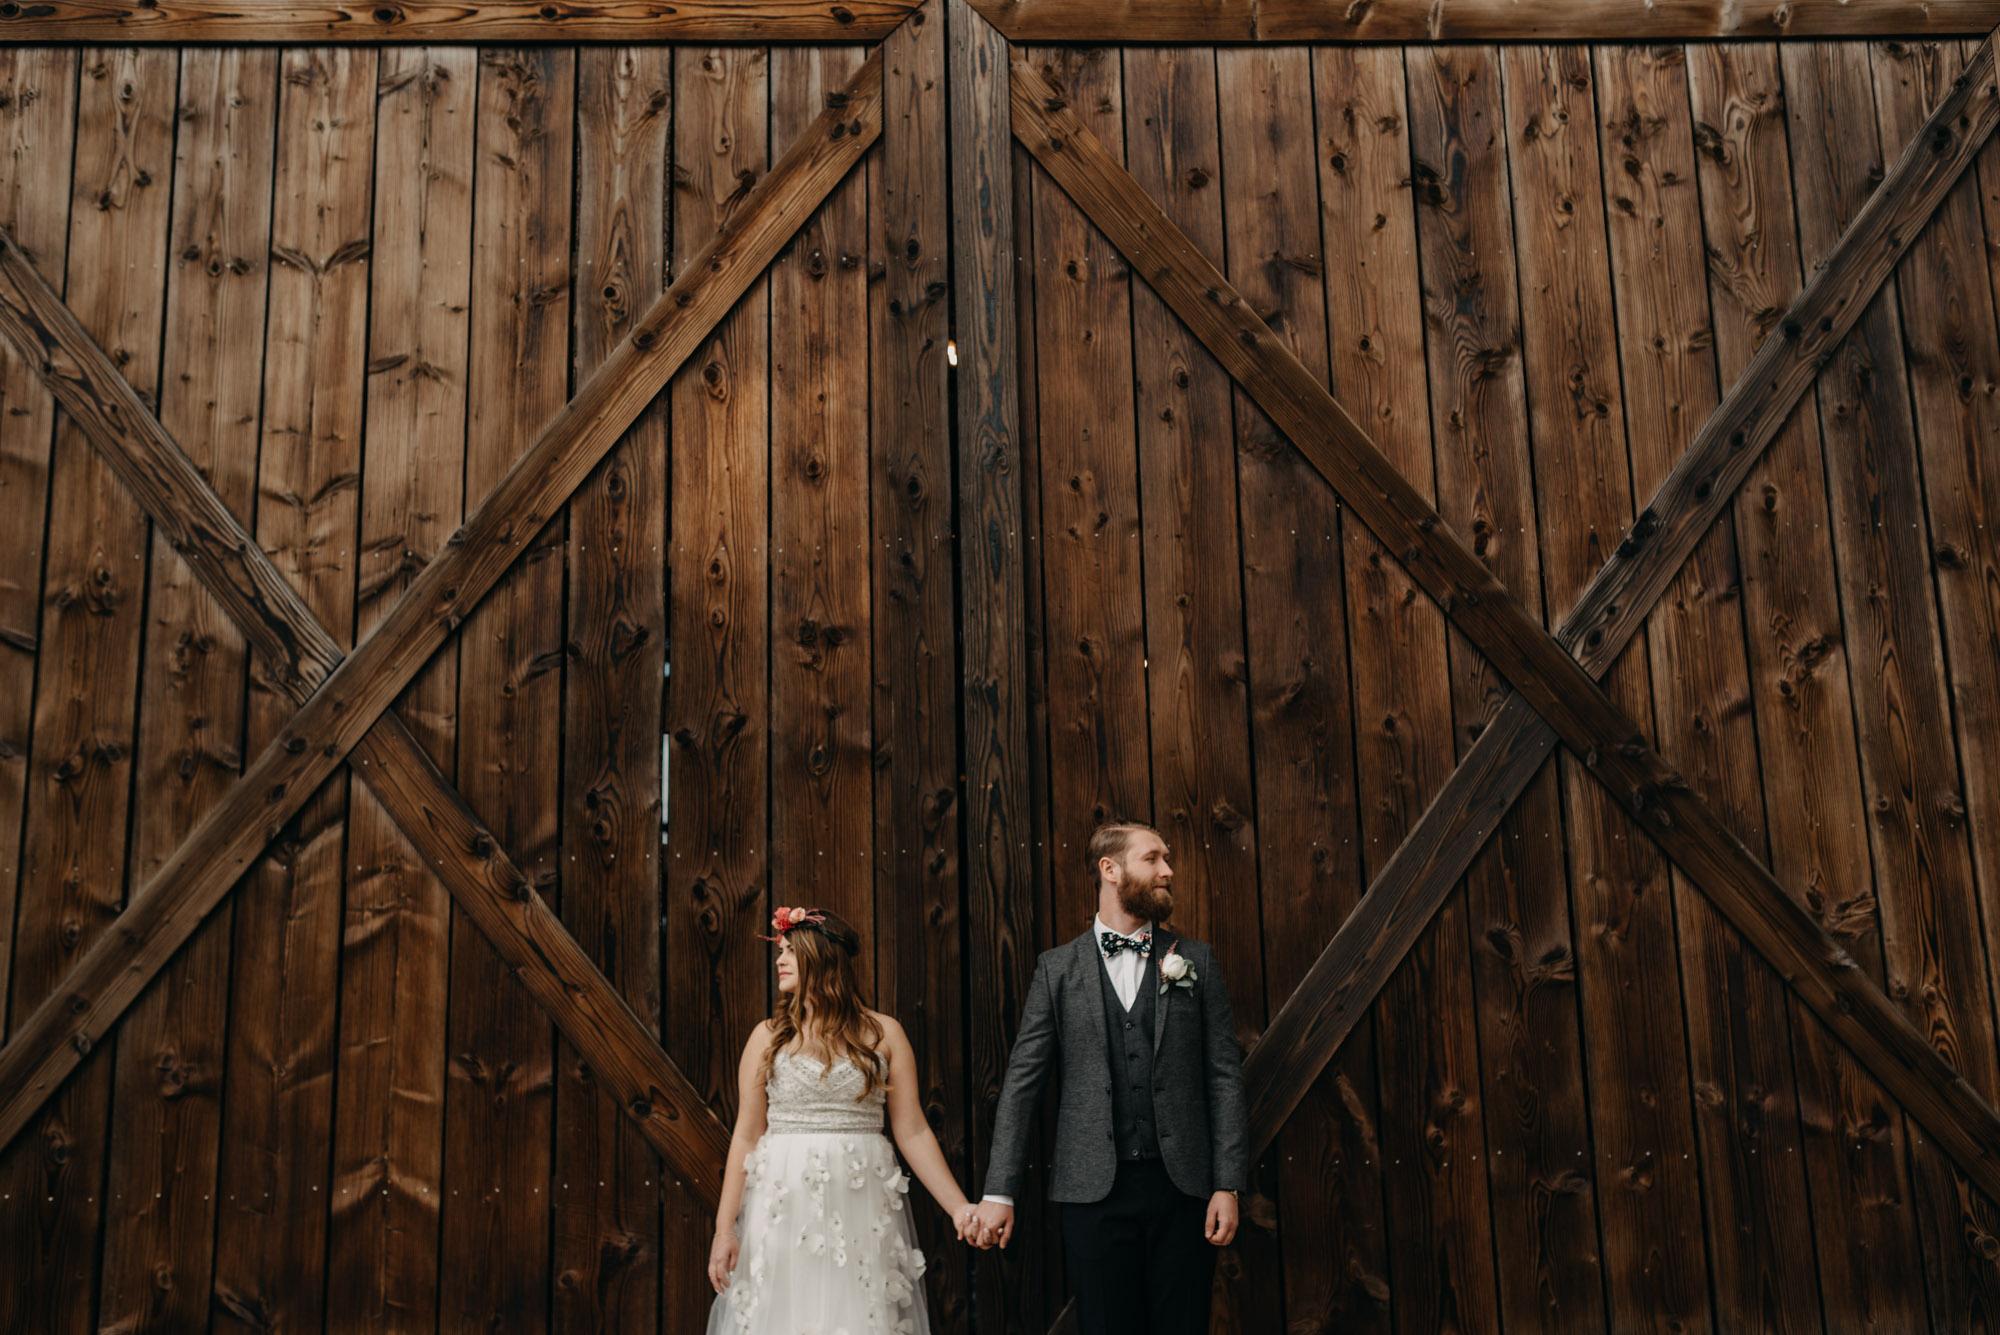 Outdoor-First-Look-Washington-Wedding-Barn-Door-8167.jpg